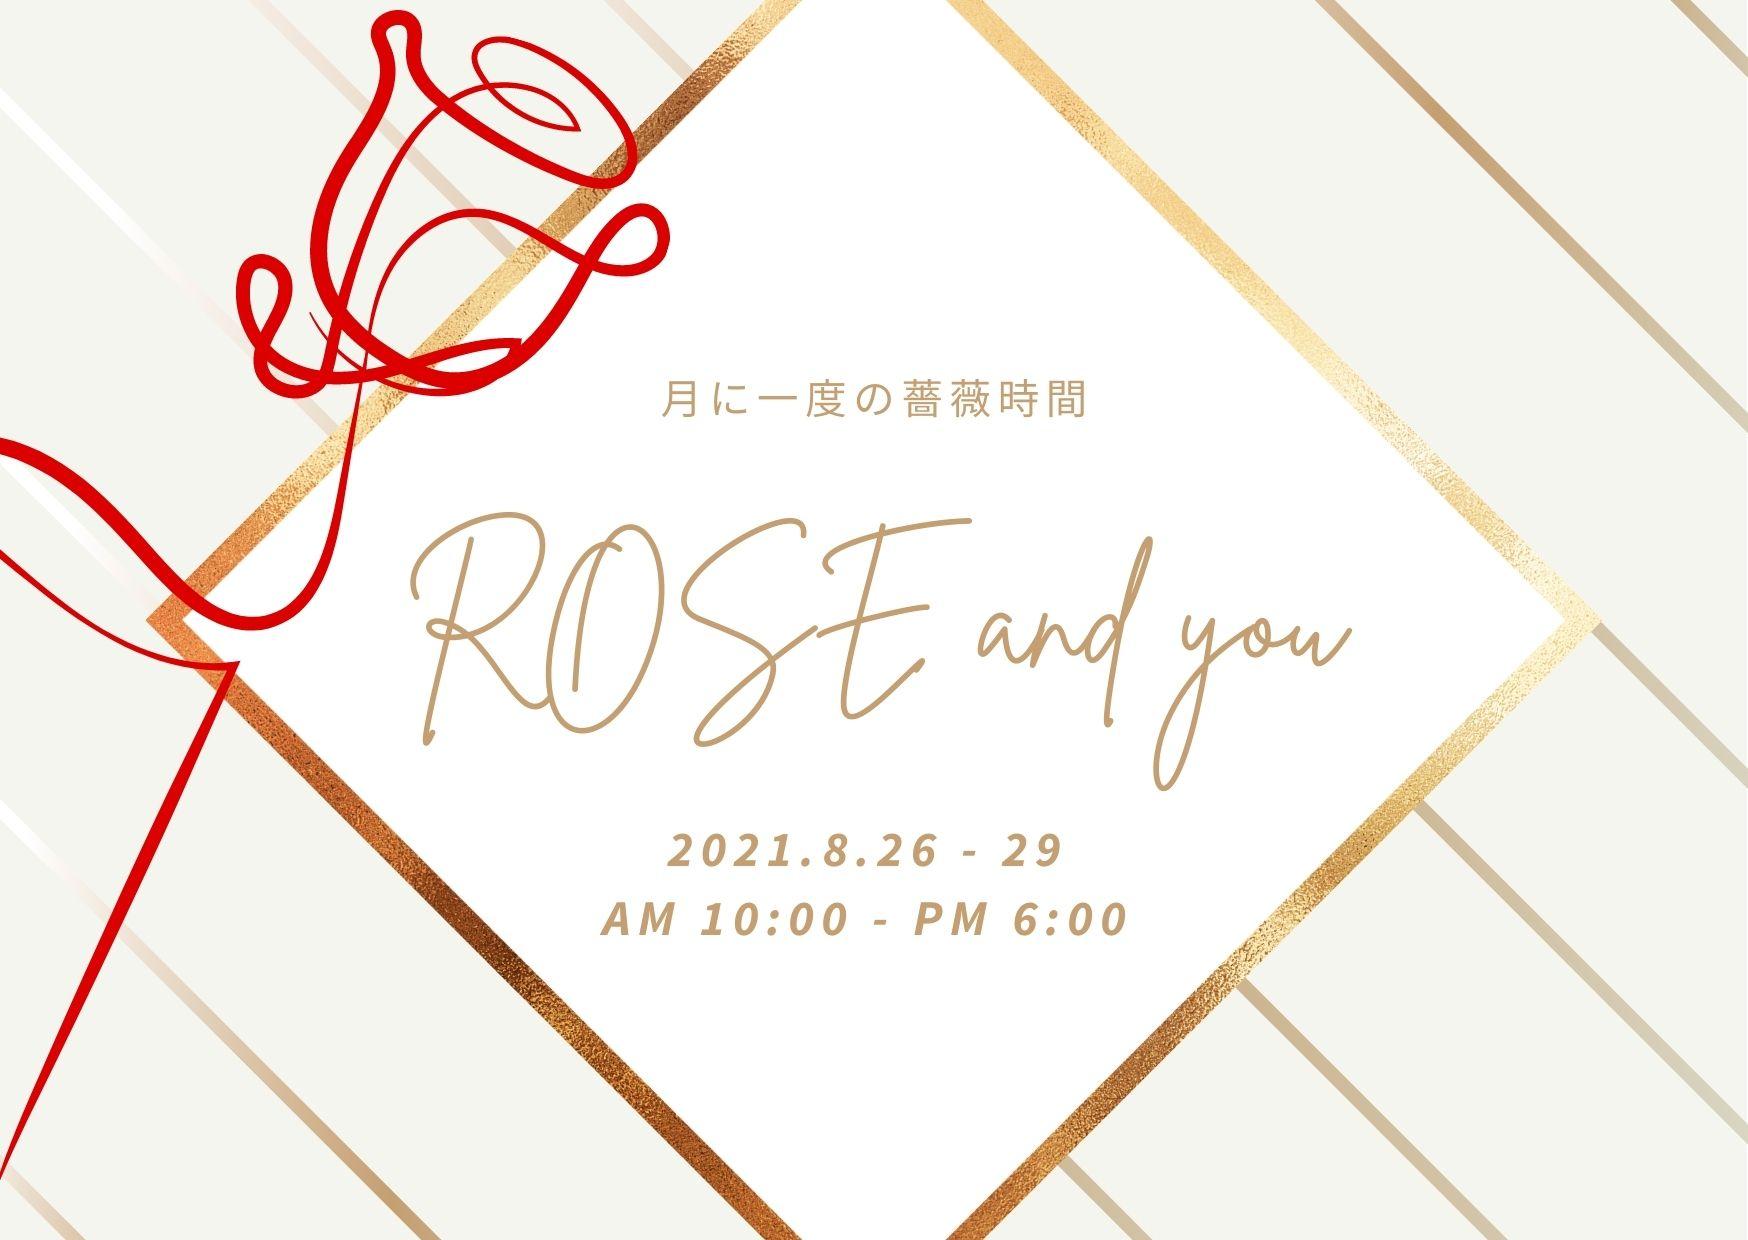 8月26日,27日,28日,29日/ROSE and you